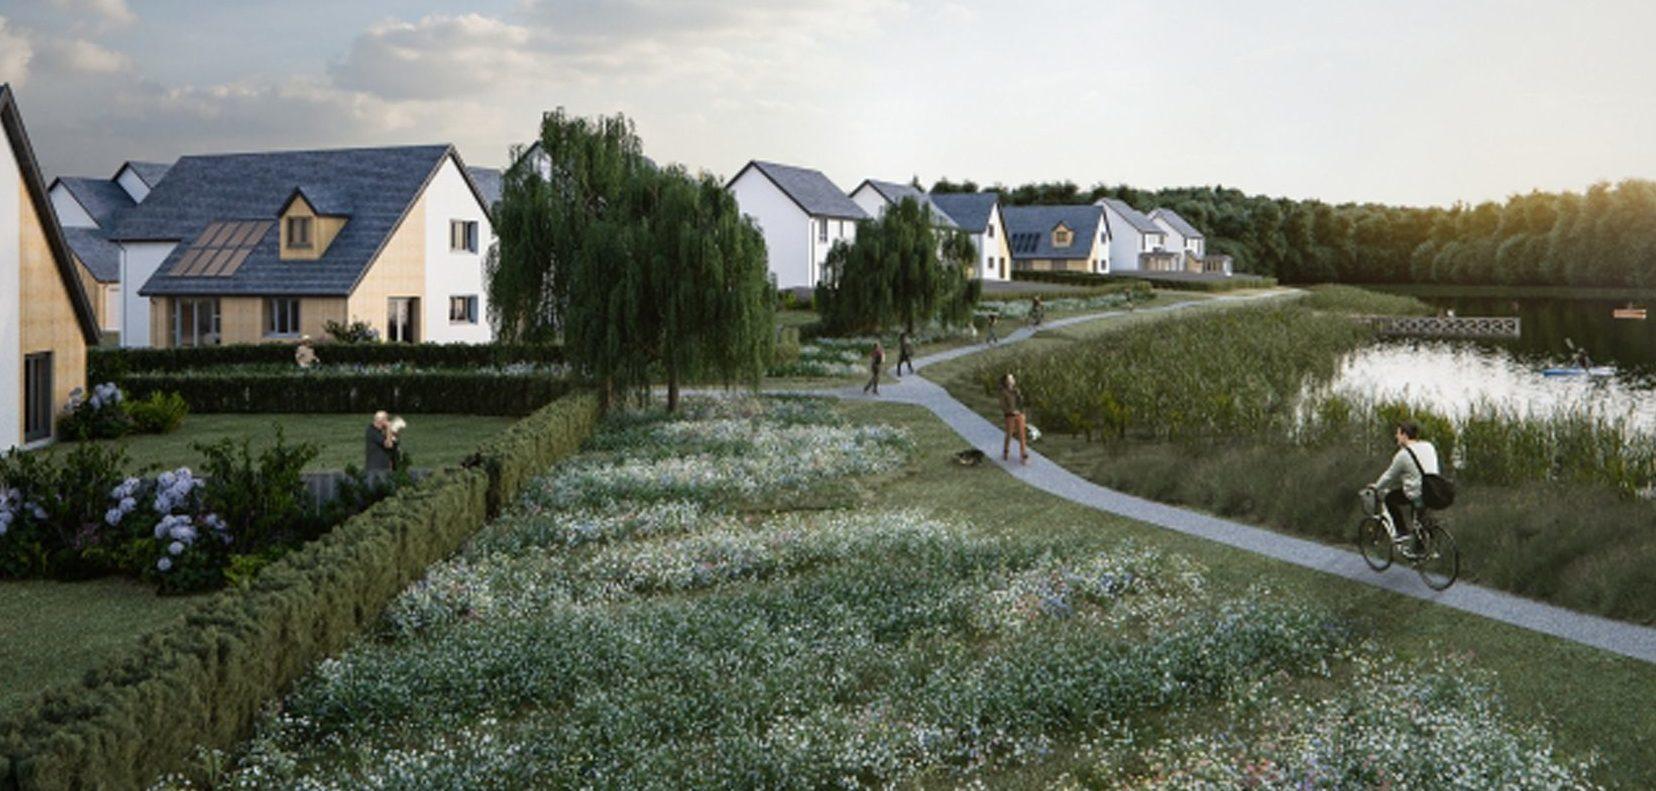 Proposed houses at Bertha Park, Perth.